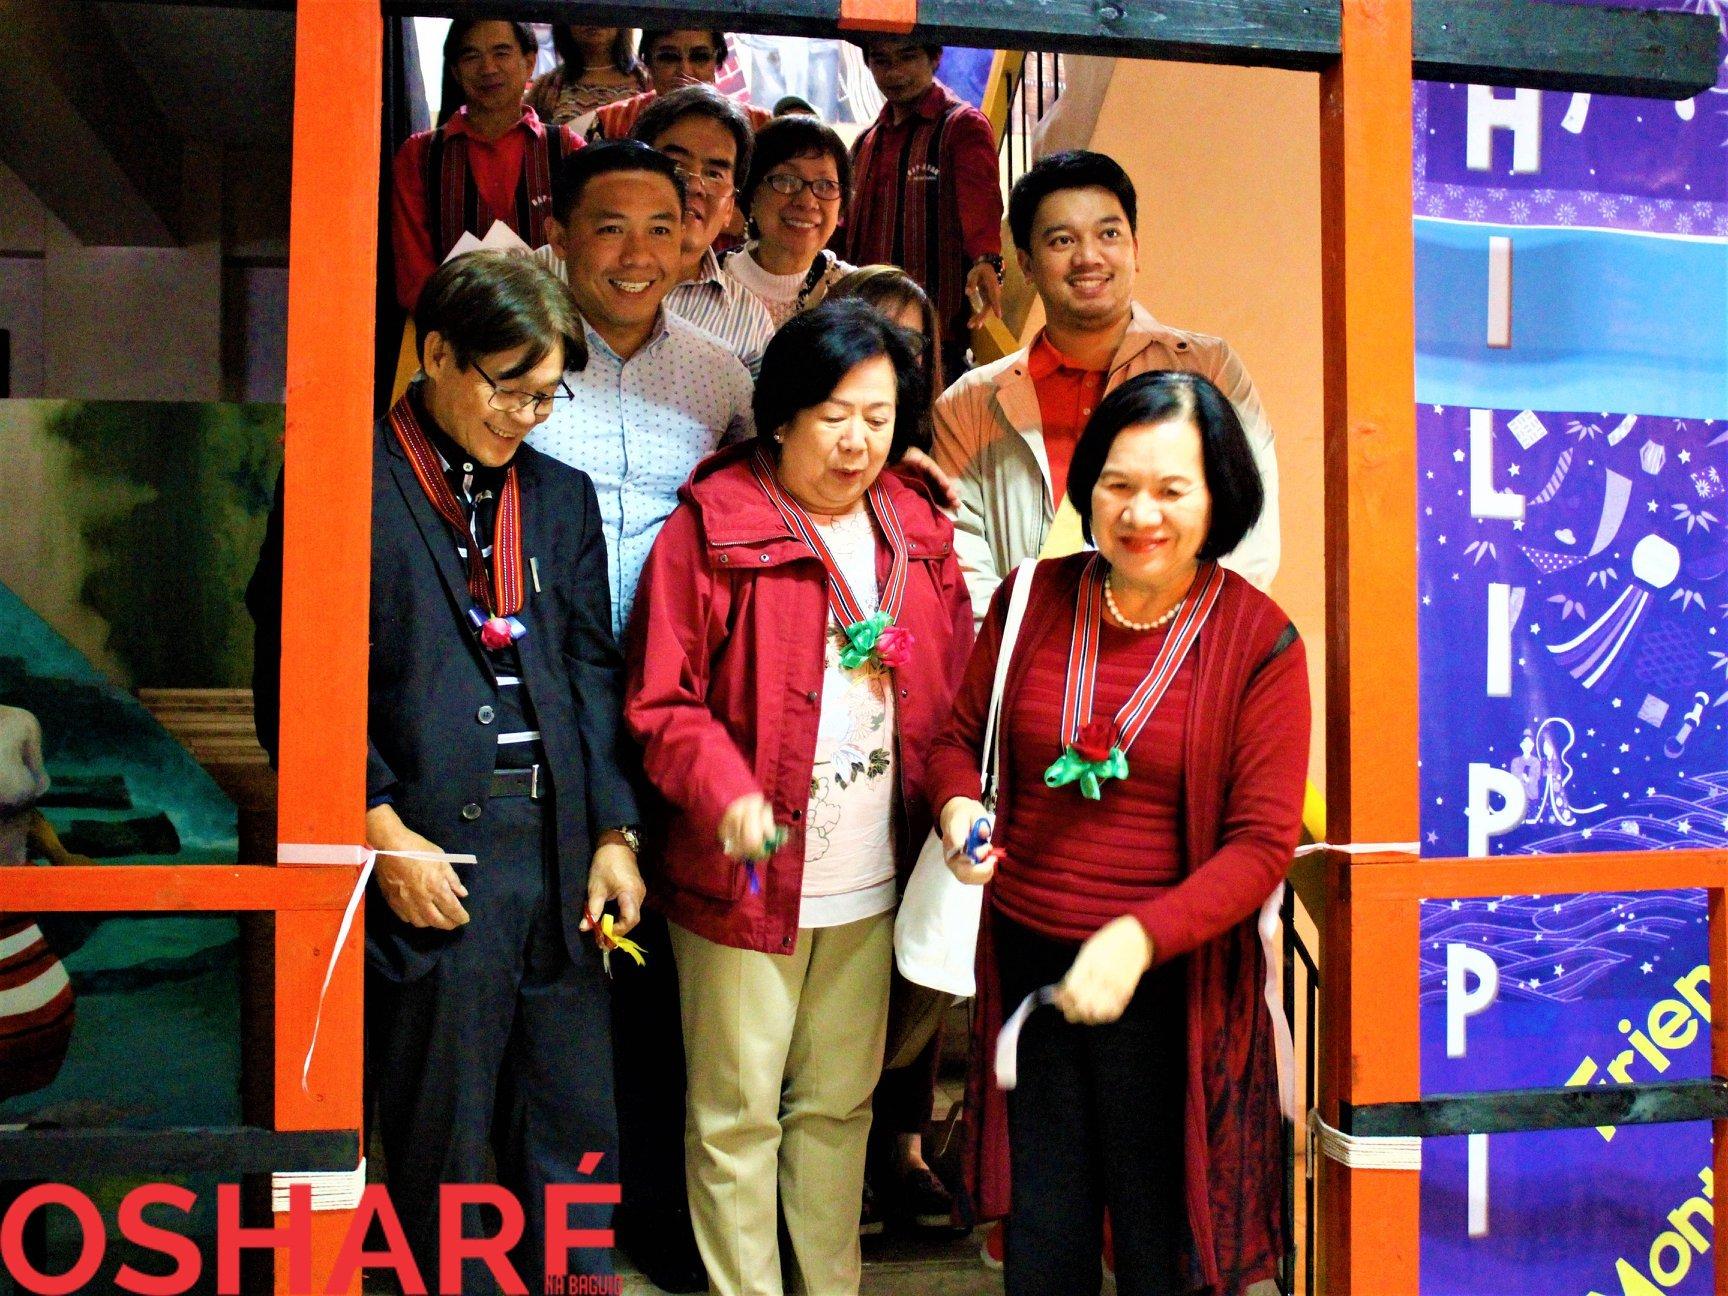 バギオ七夕祭10 Philippines-Japan Friendship month 2019  -その2- <長崎と天草地方の潜伏キリシタン関連・世界遺産 紹介コーナー>_a0109542_12132984.jpg